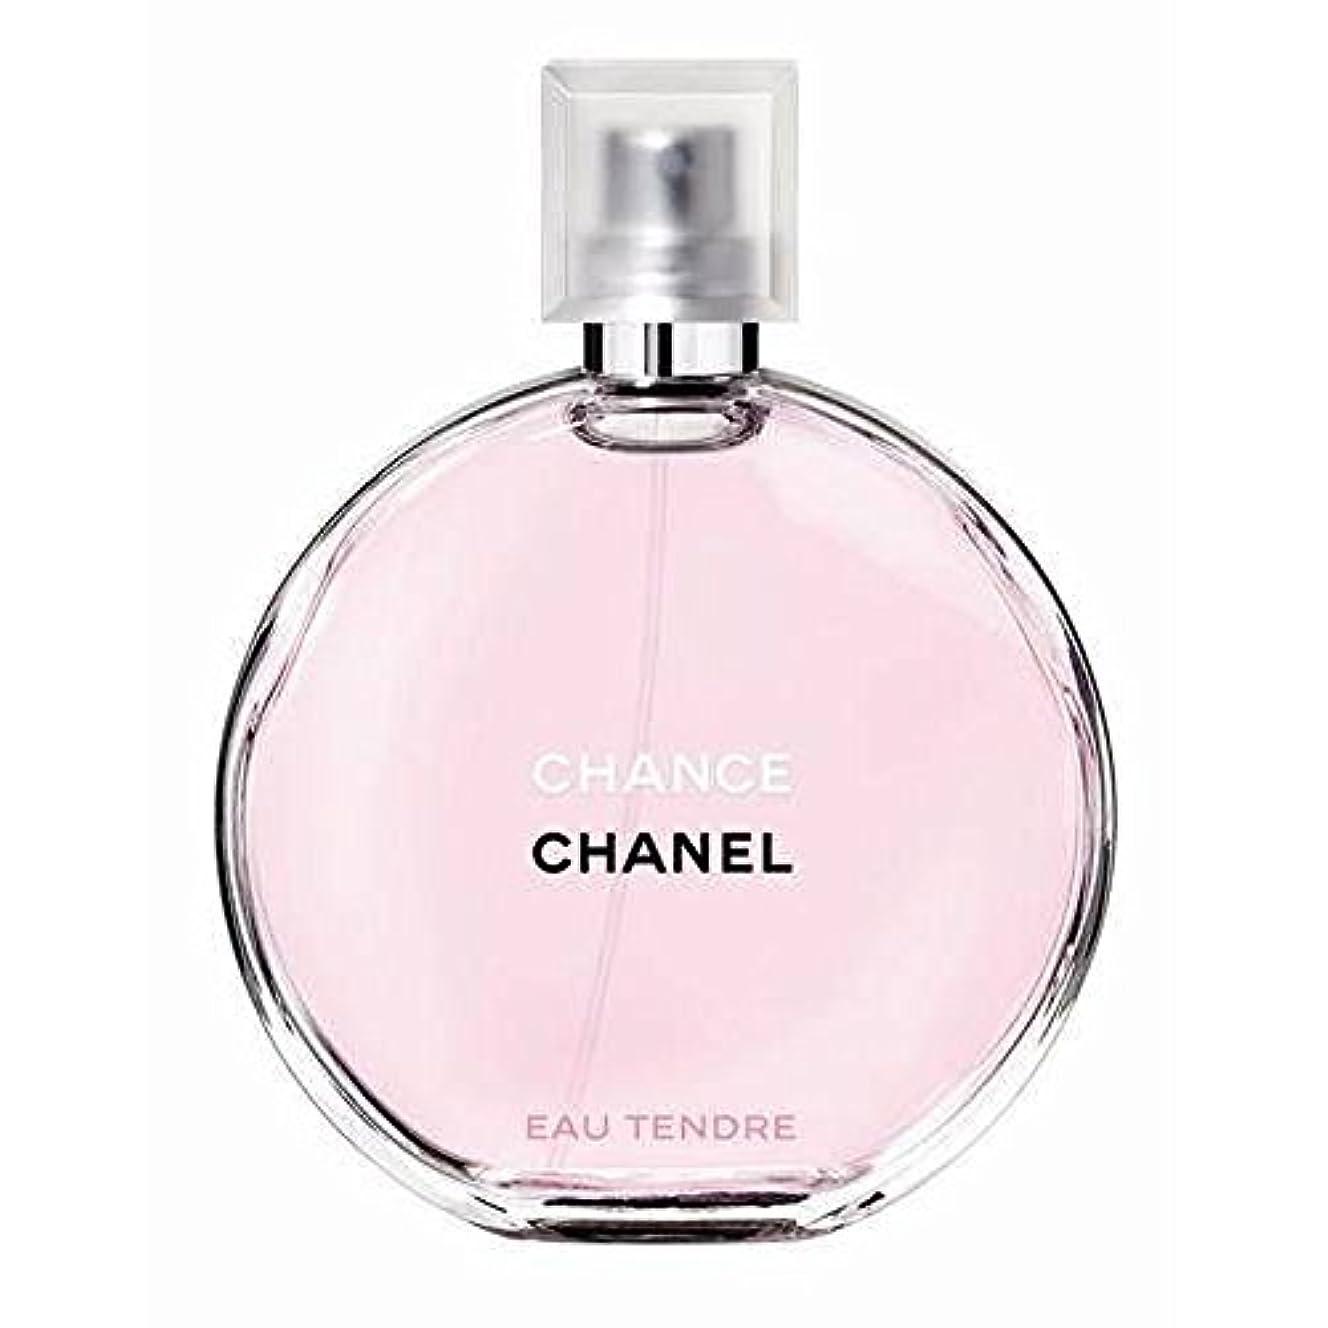 安いです宿泊手[箱つぶれ]CHANEL 香水 シャネル チャンス オータンドゥル オードトワレ 150ml EDT SP [並行輸入品]